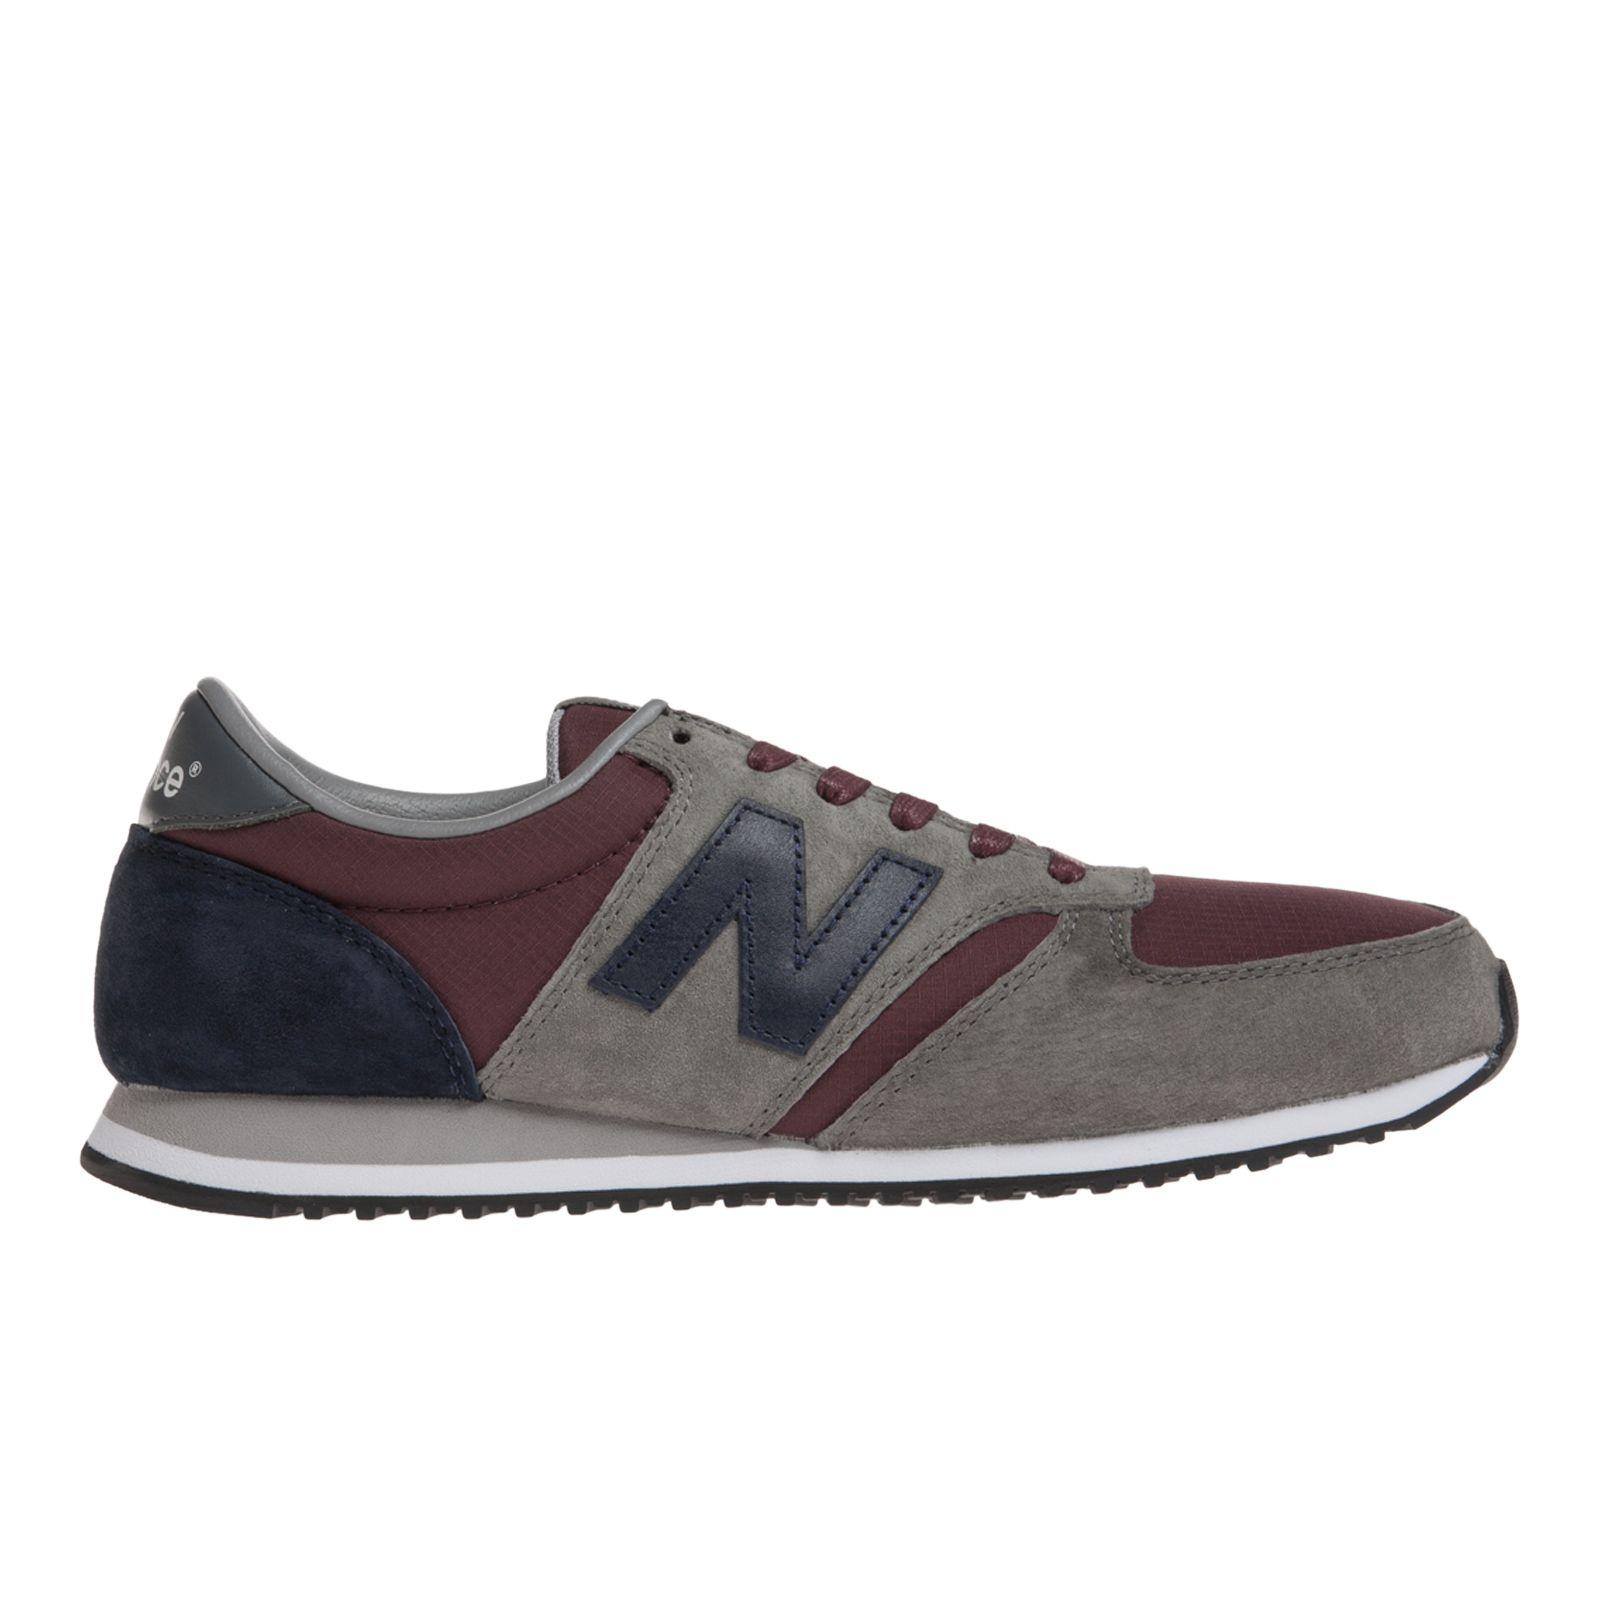 new balance u420 vintage